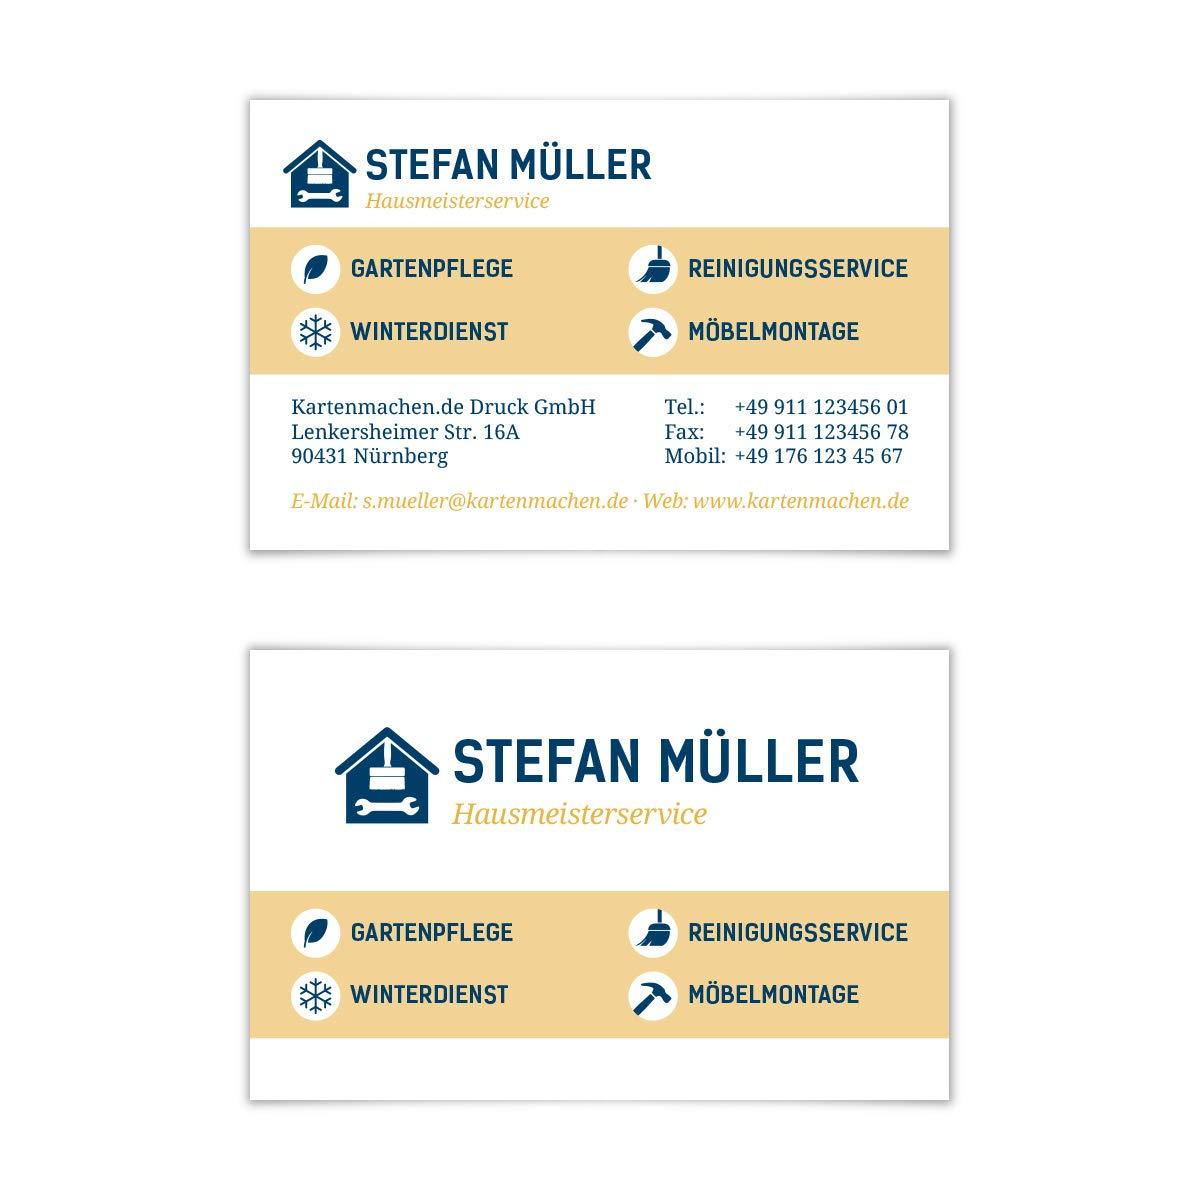 100 x Visitenkarten individuell Business Karten 300g/qm 85 x 55 mm - Hausmeister Kartenmachen.de